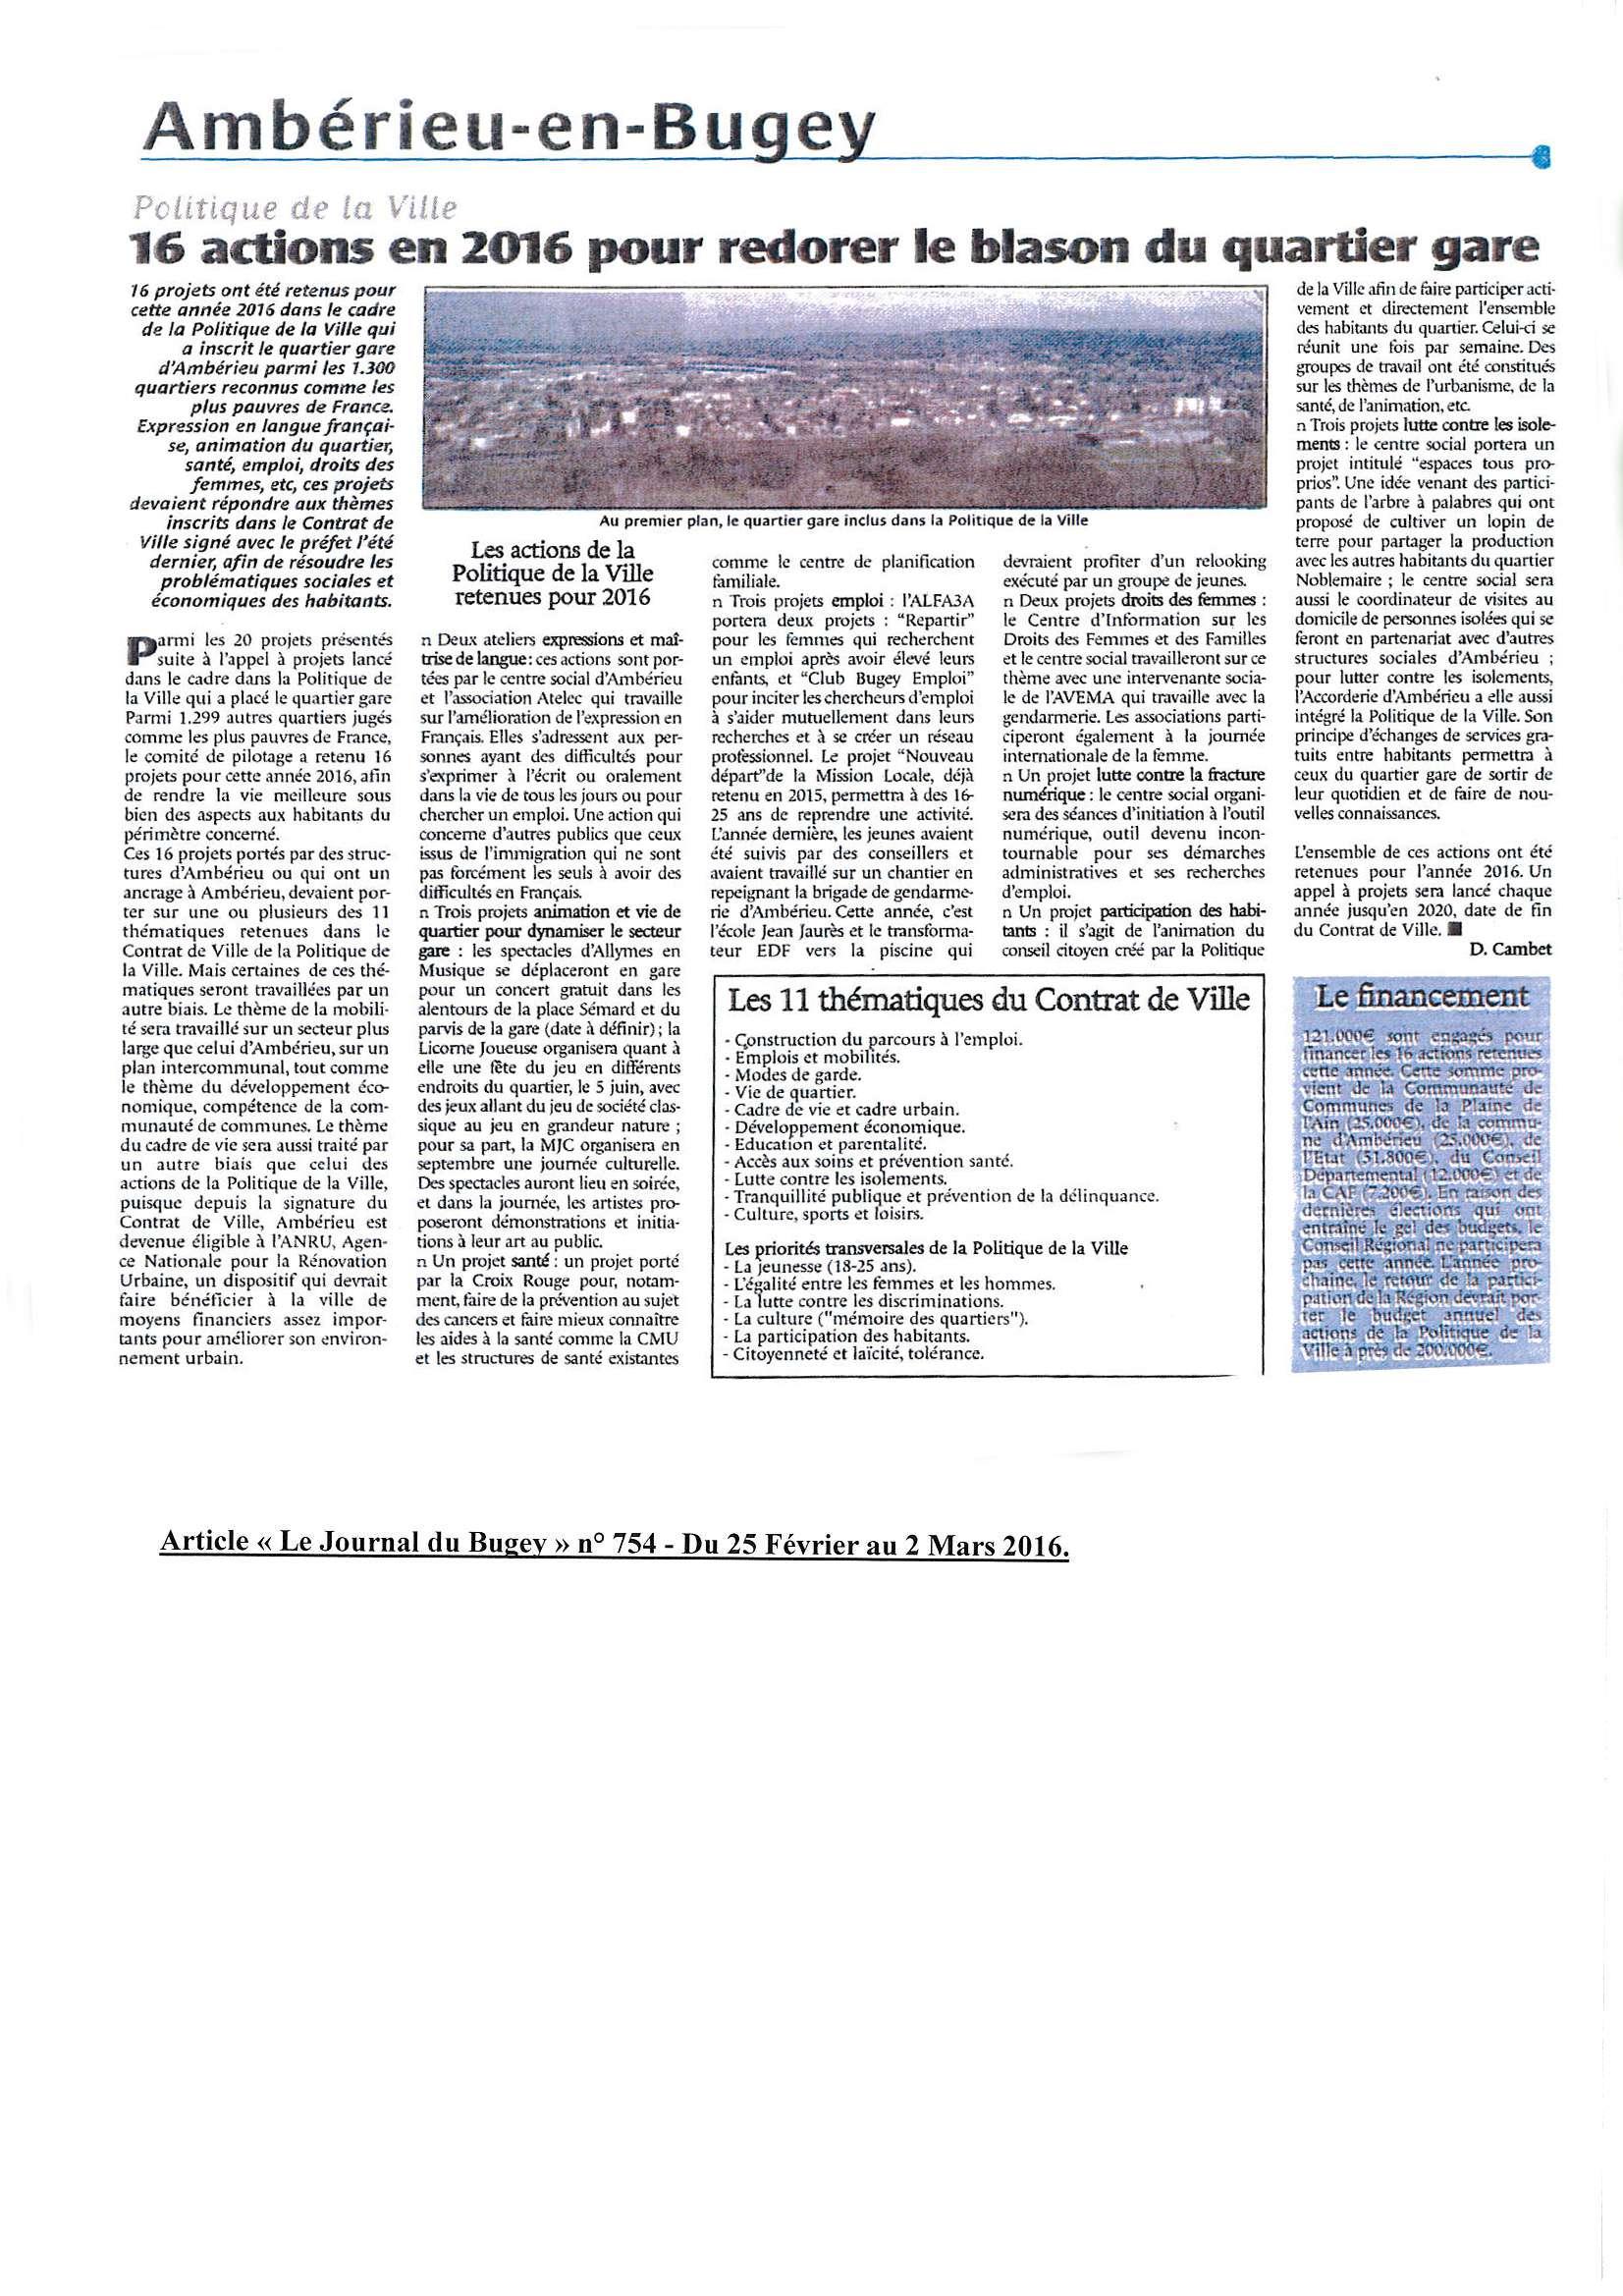 Article journal du Bugey du 25 Février Politique de la ville